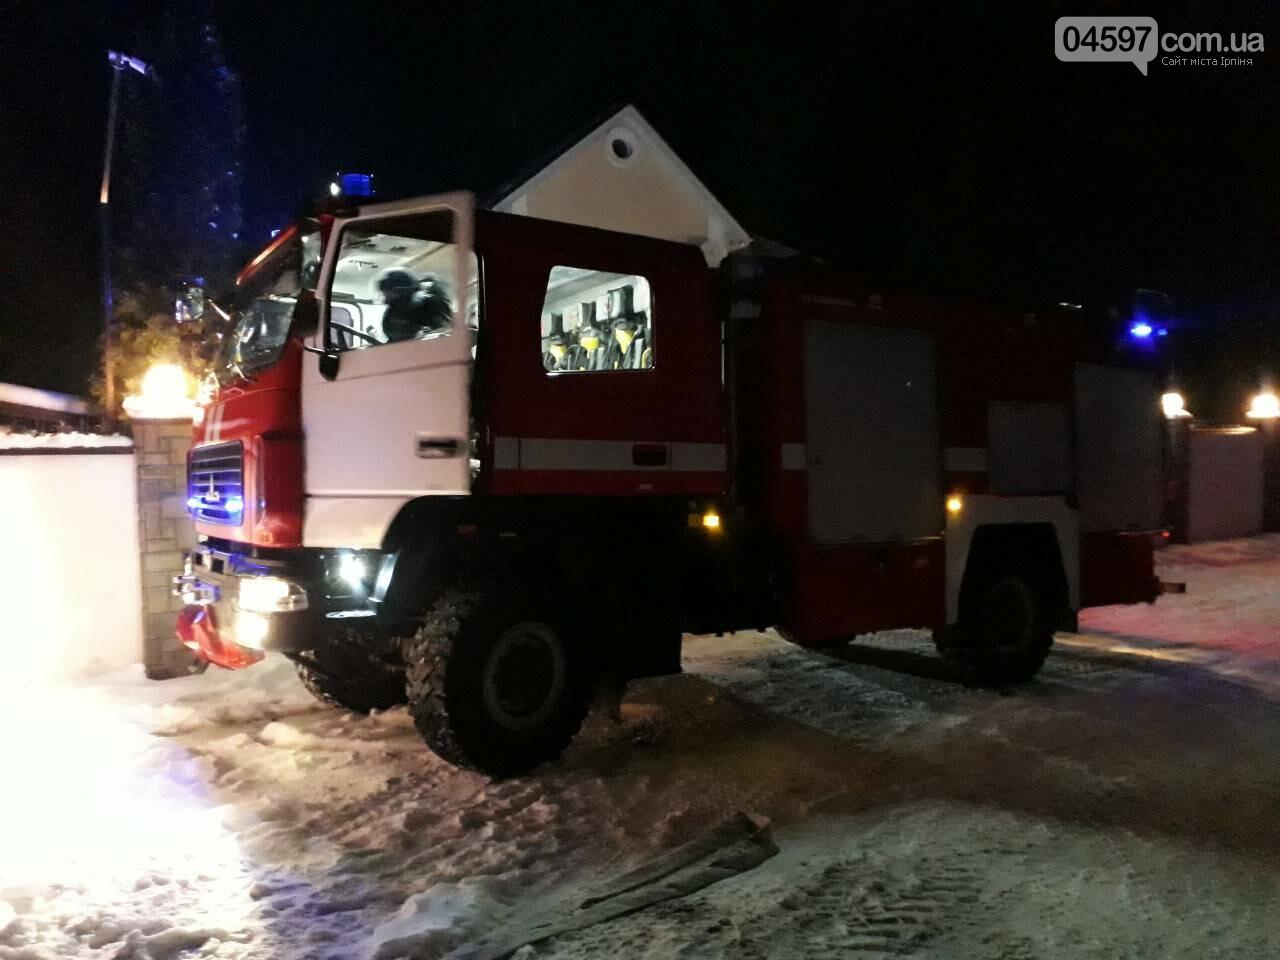 Масштабна пожежа в Ірпені: горів приватний будинок площею 400 м2, фото-2